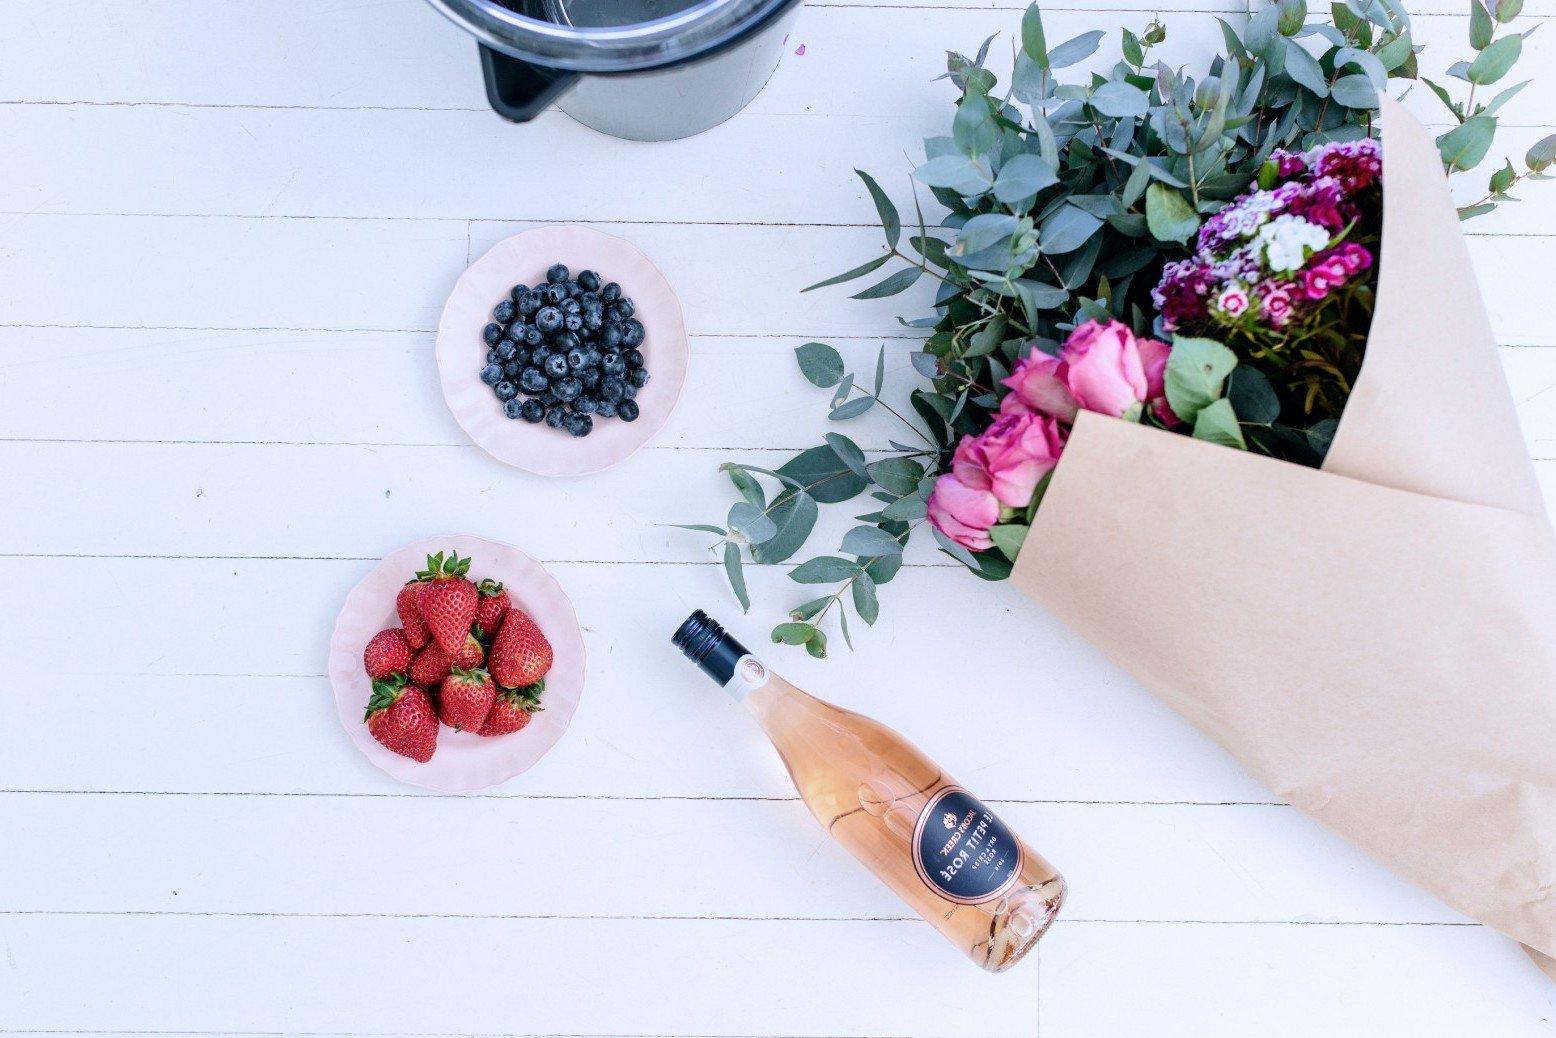 DIY Eiskübel für eine Flasche Wein mit Beeren und Blumen